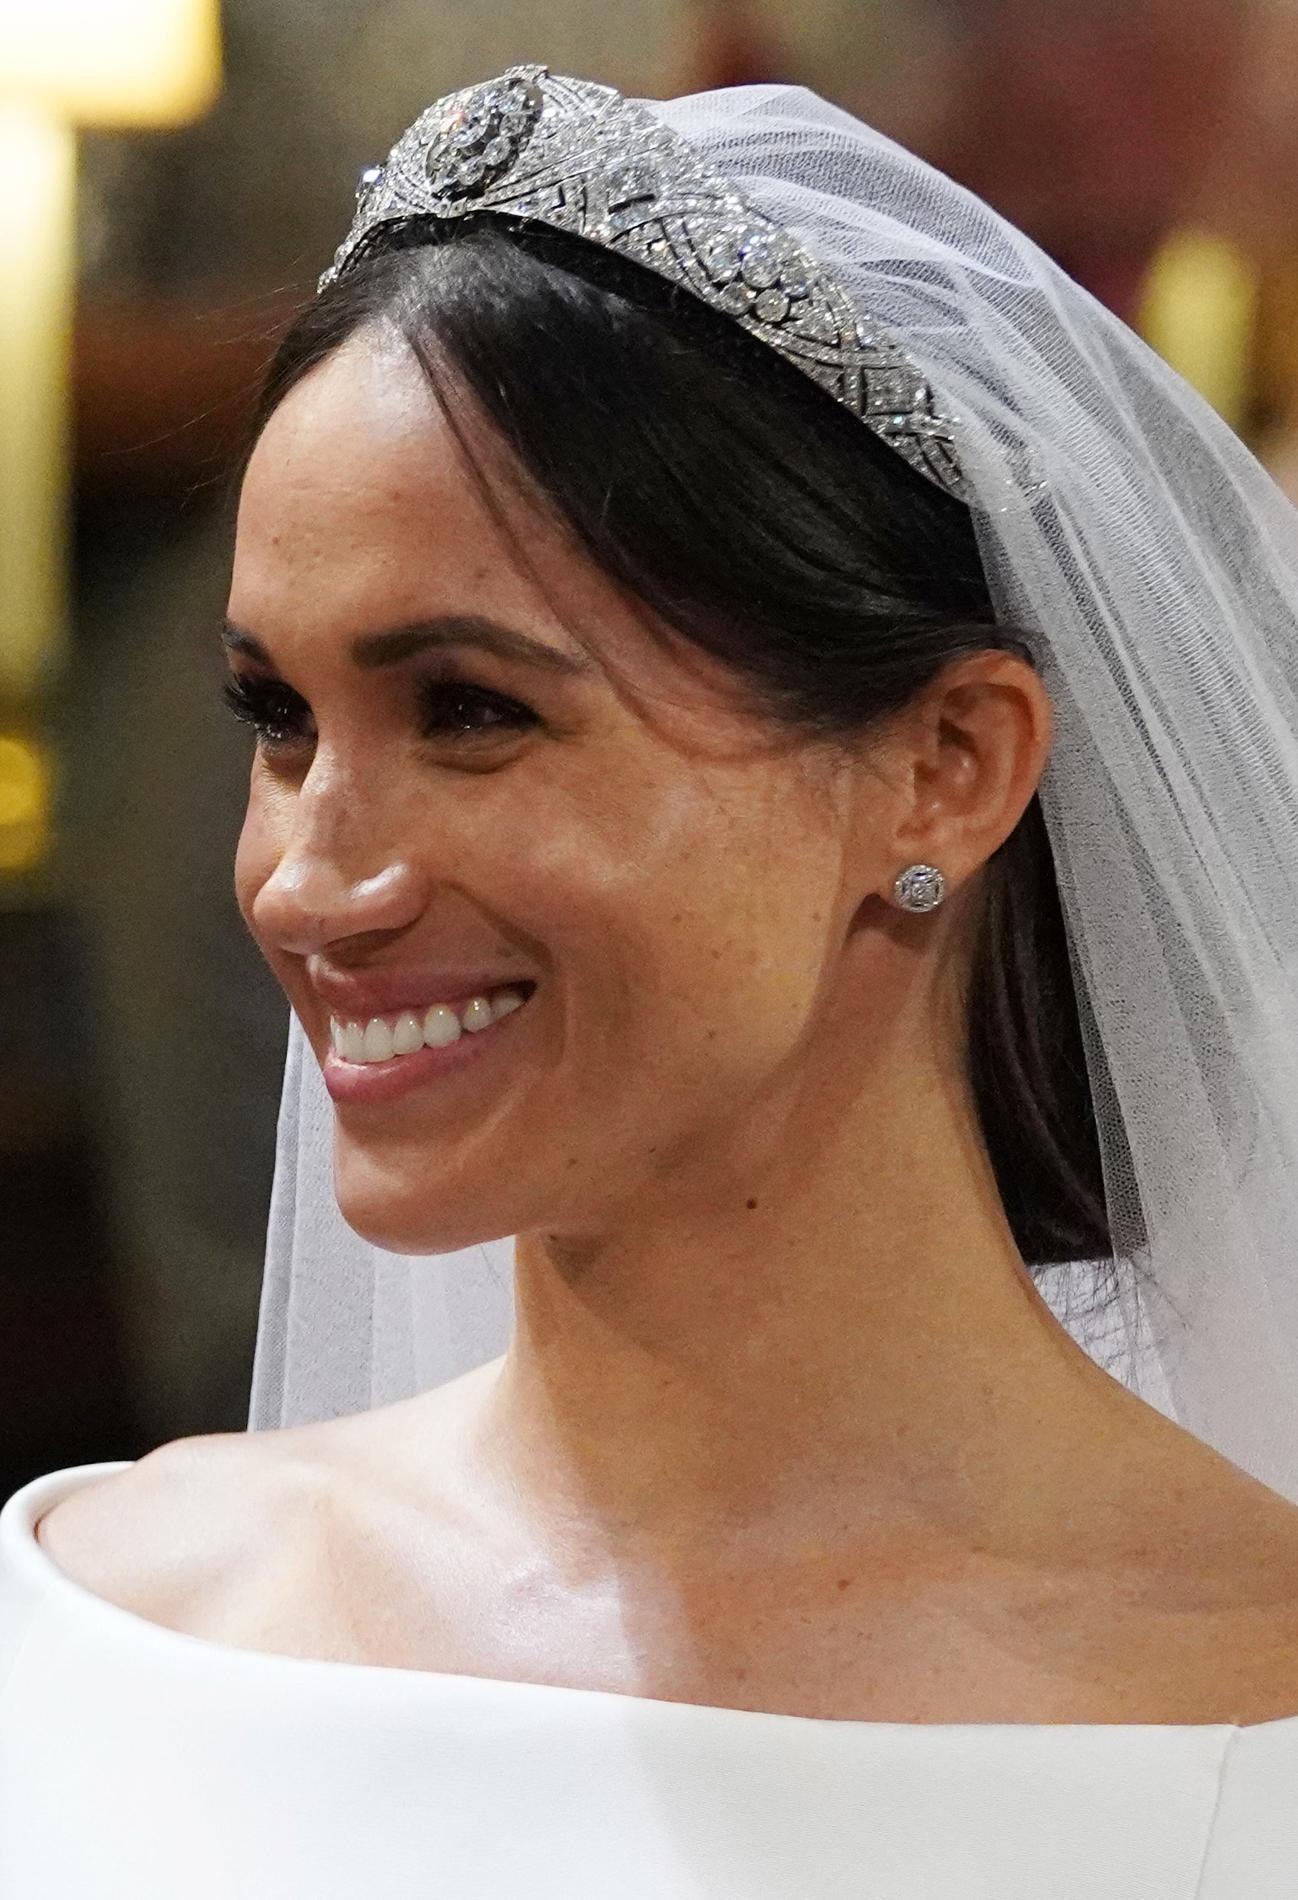 Prix de la robe de mariee de meghan